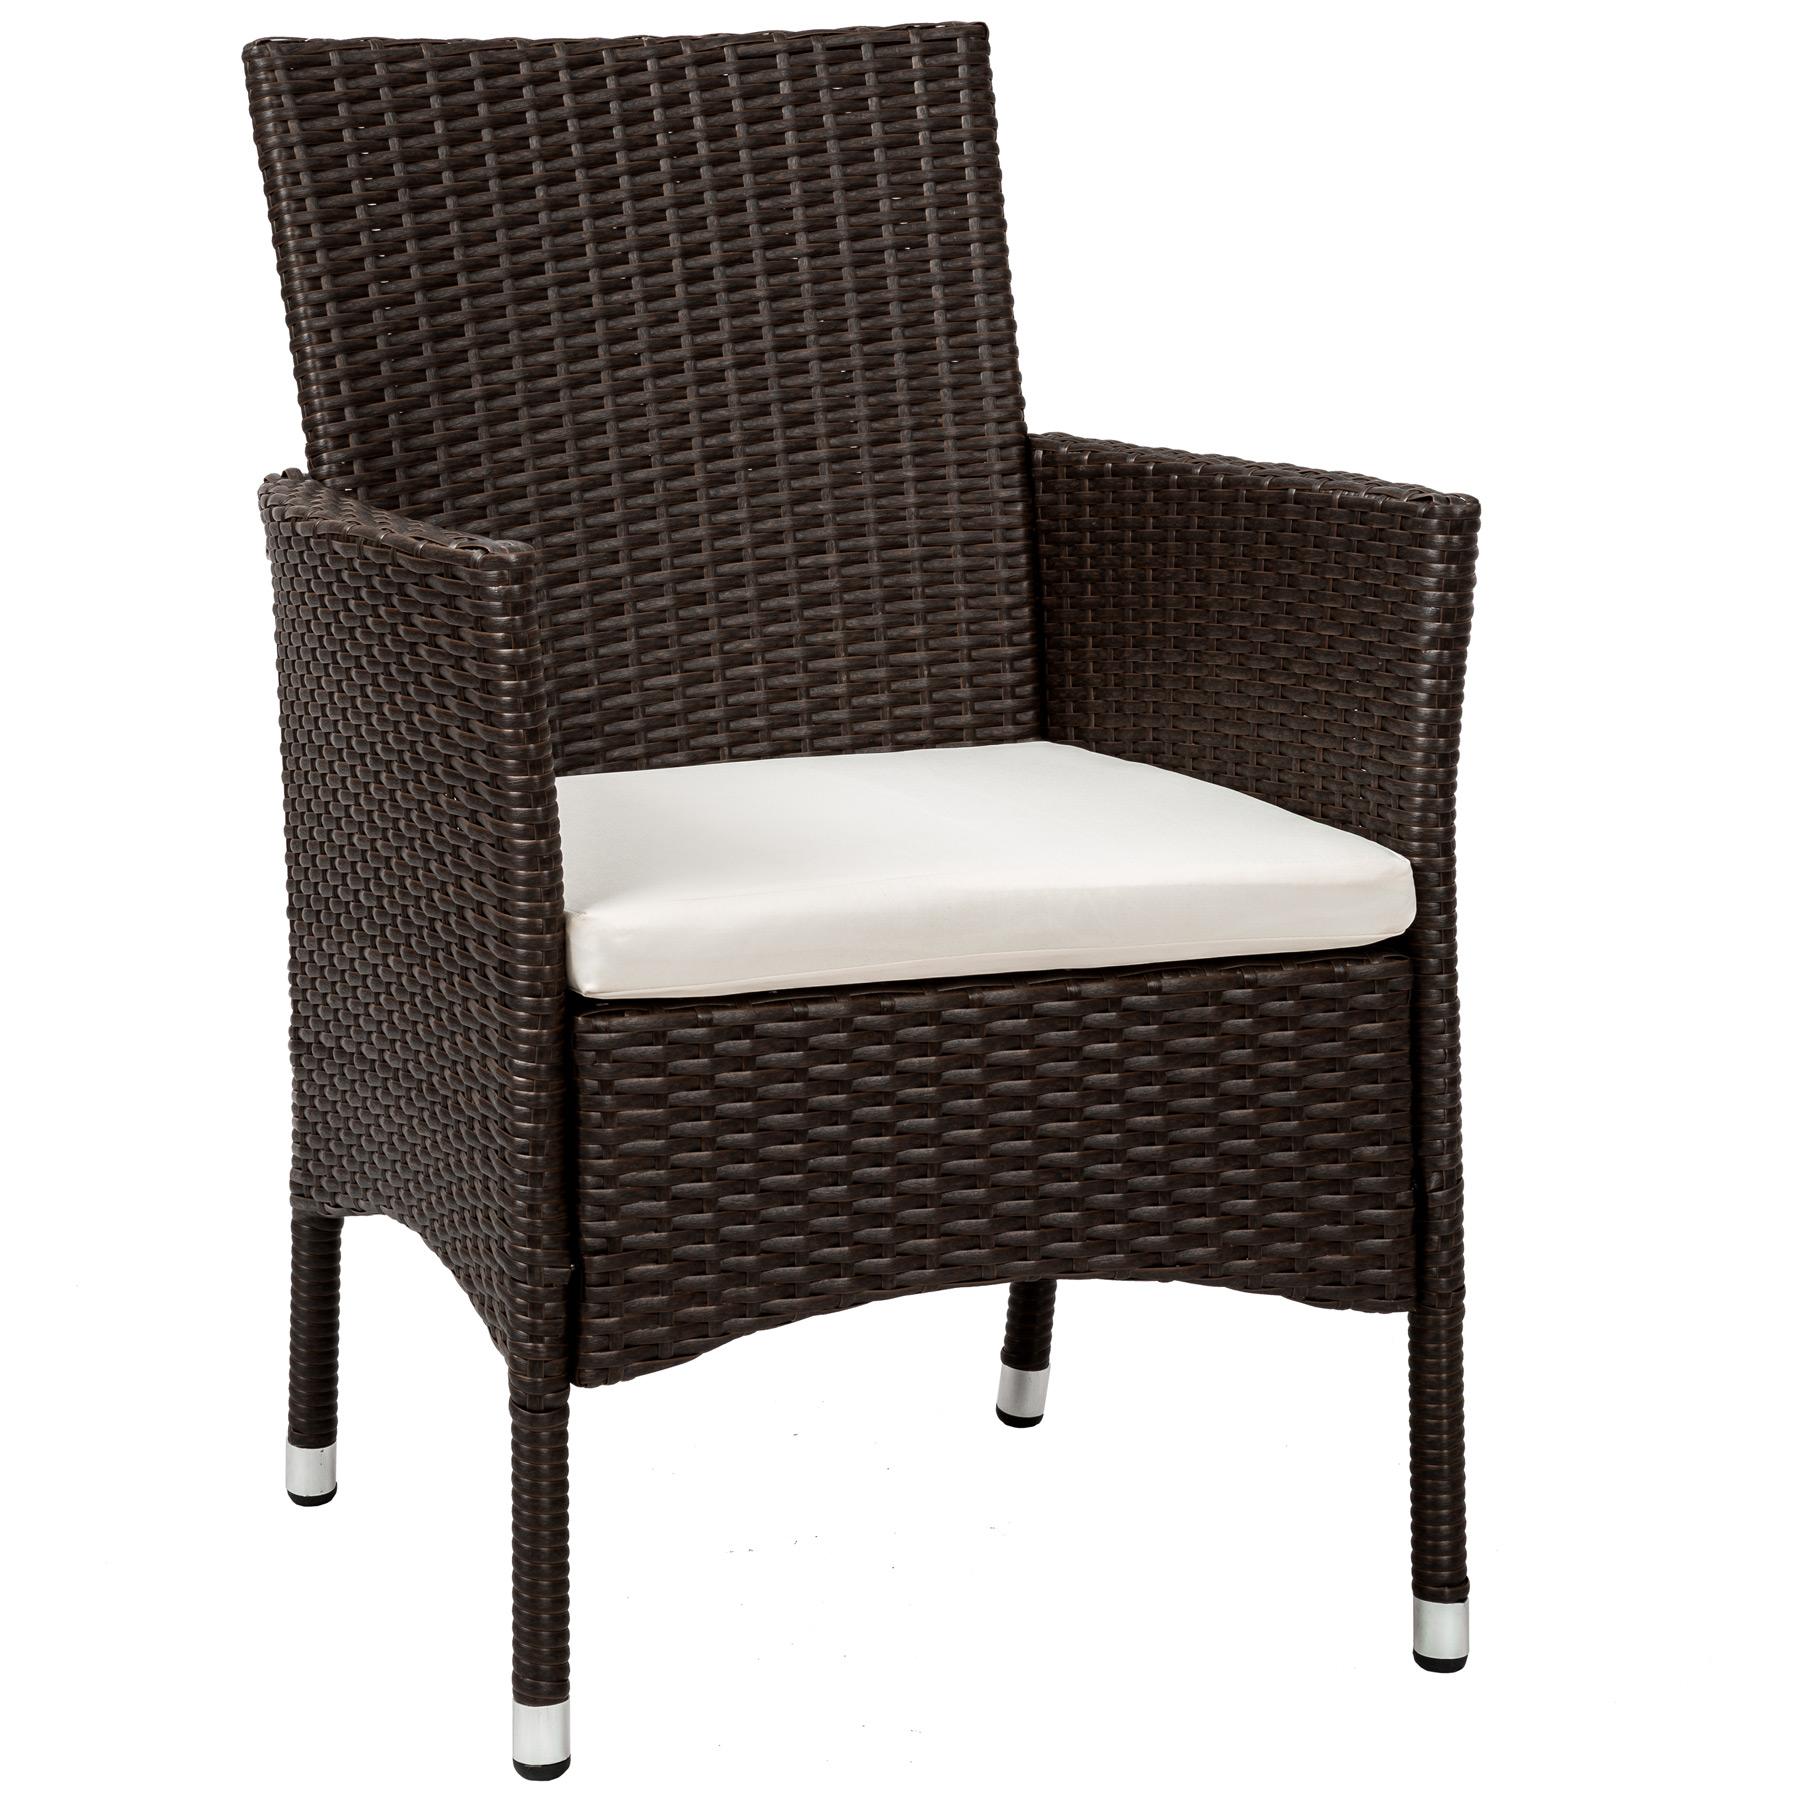 2er set poly rattan gartenstuhl stuhl sessel hochlehner kissen 2 bez ge antik ebay. Black Bedroom Furniture Sets. Home Design Ideas